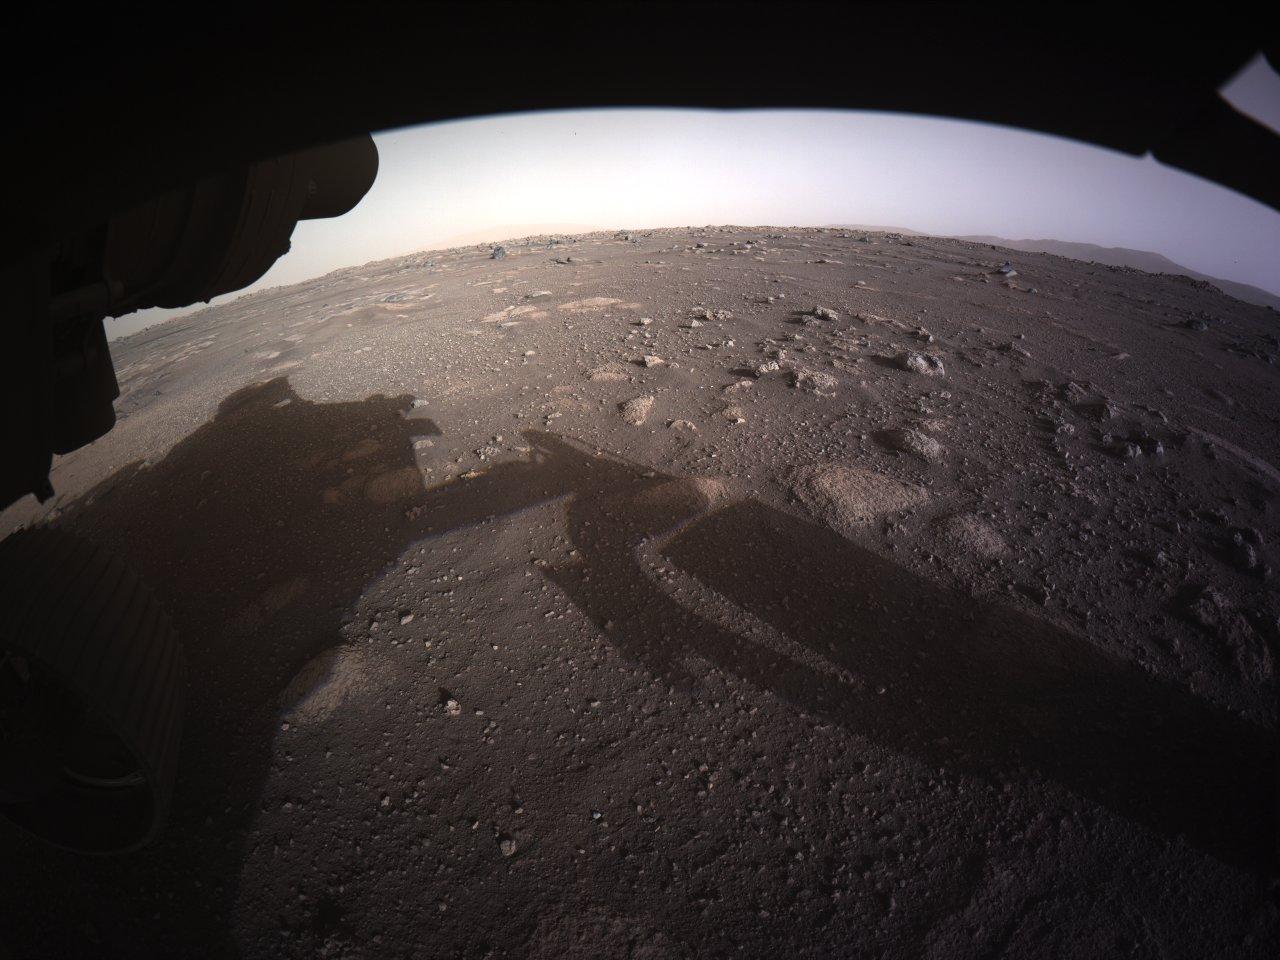 C'est la première image couleur que le rover Perseverance de la NASA a renvoyée de la surface de Mars.